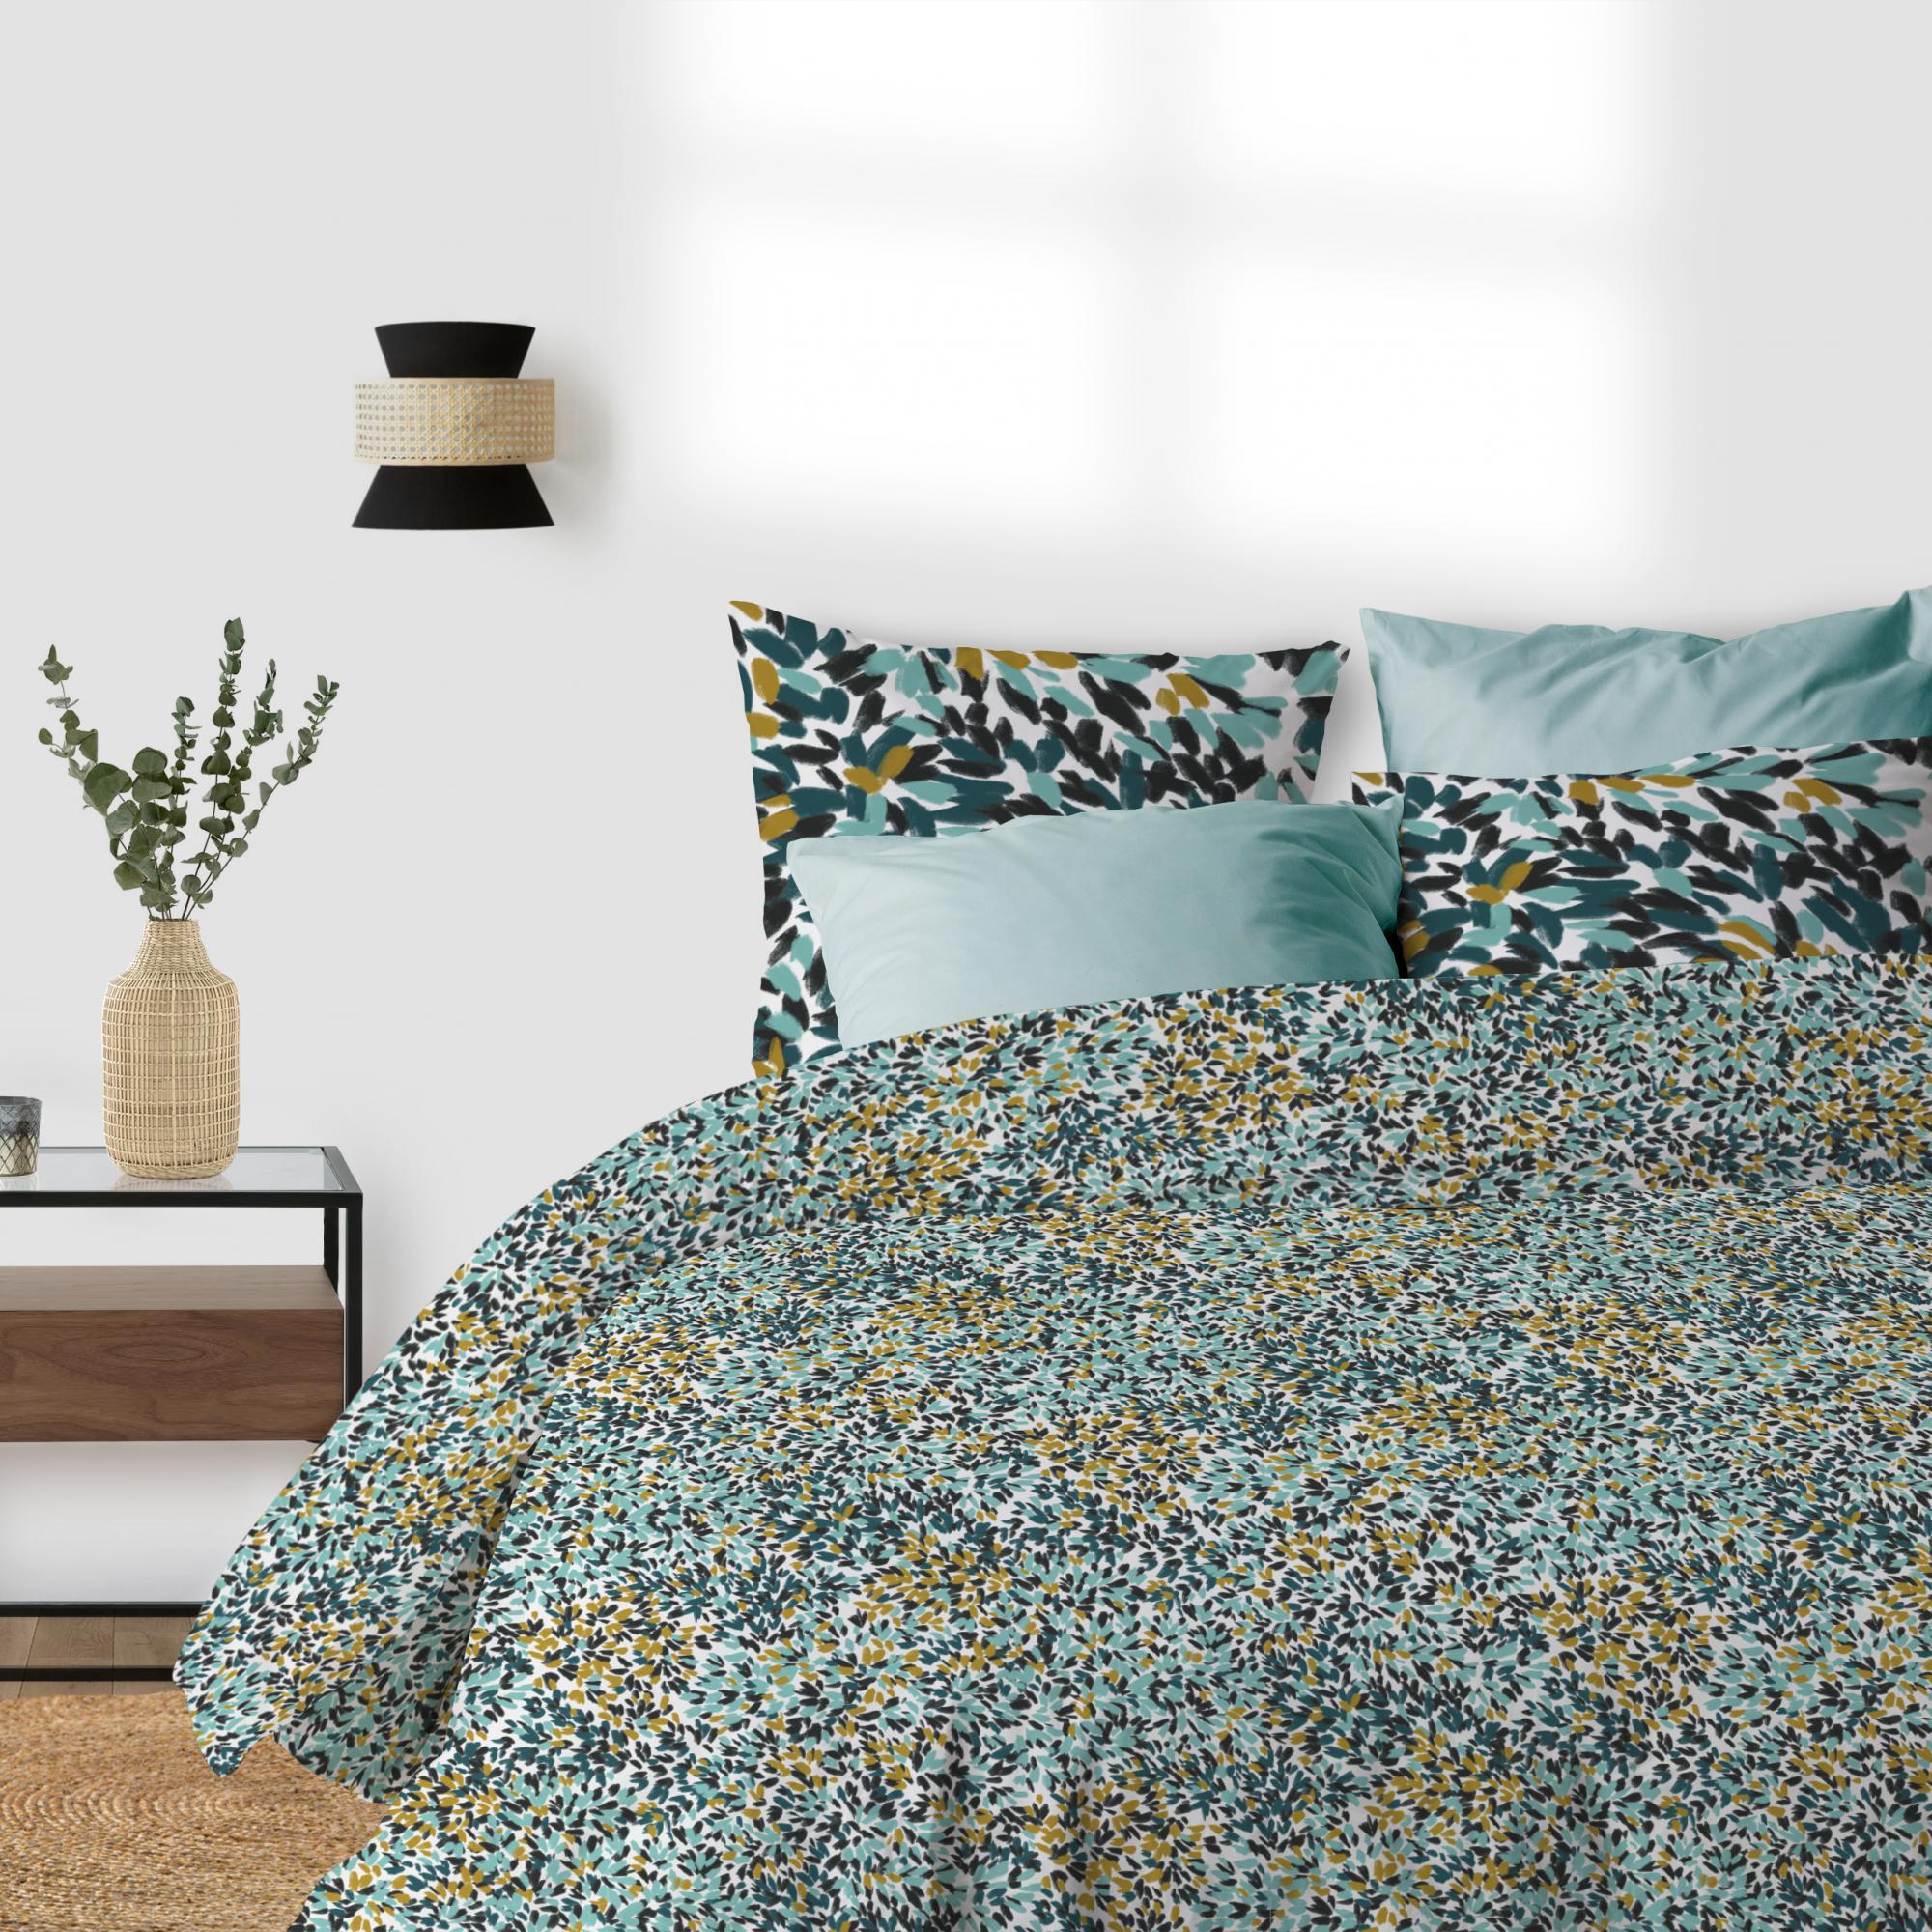 Parure de lit Bio 2 personnes Telma avec housse de couette et taies d'oreiller Imprimé 240 x 220